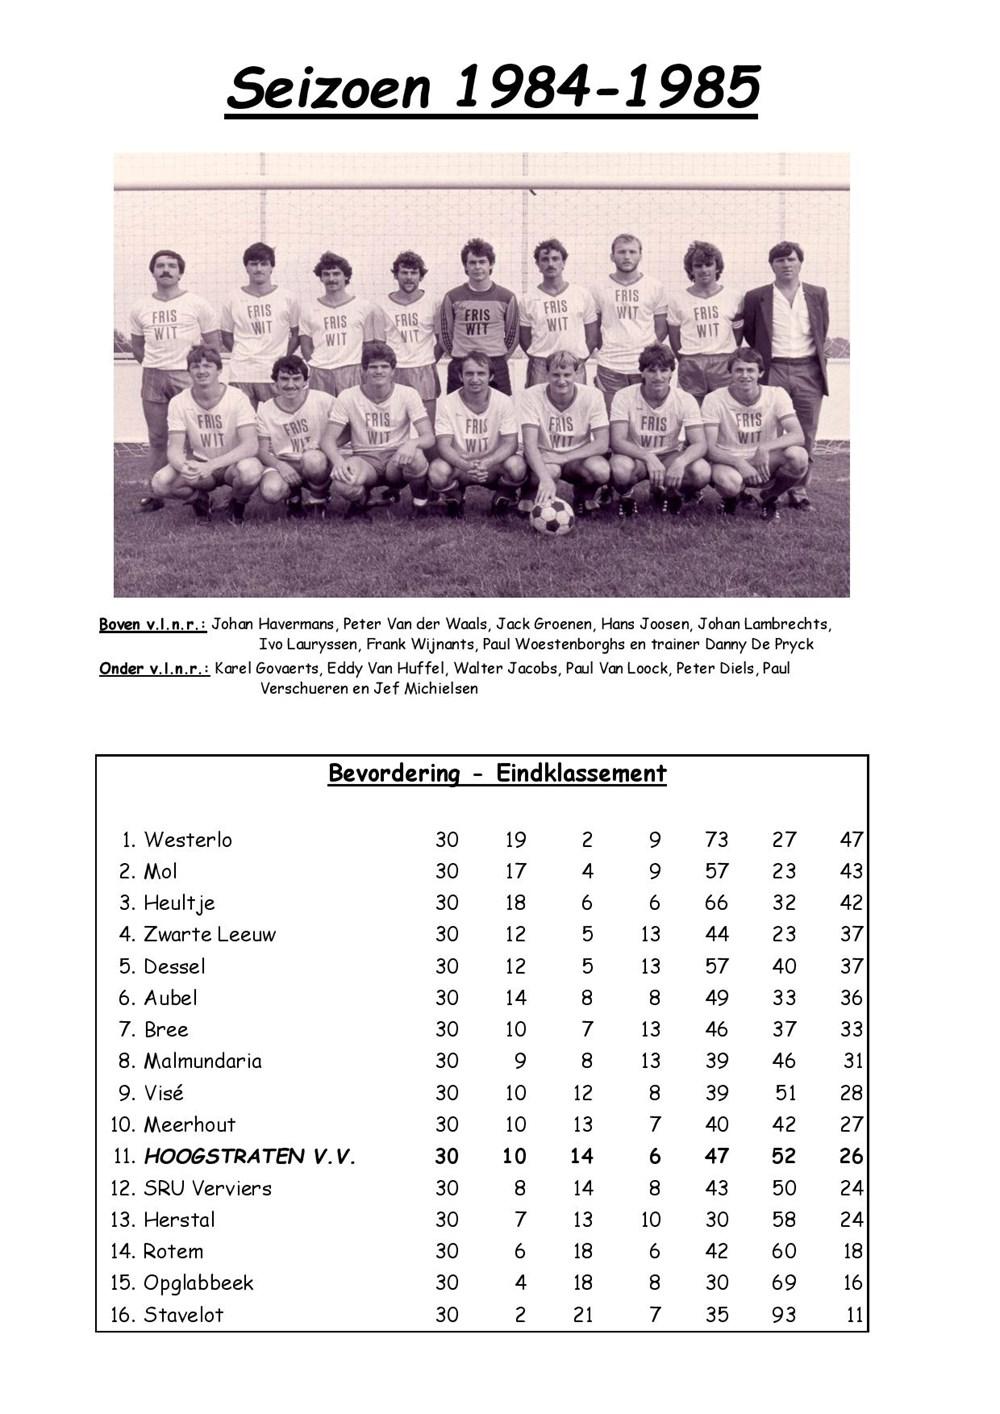 seizoen_1984-1985-page-001.jpg